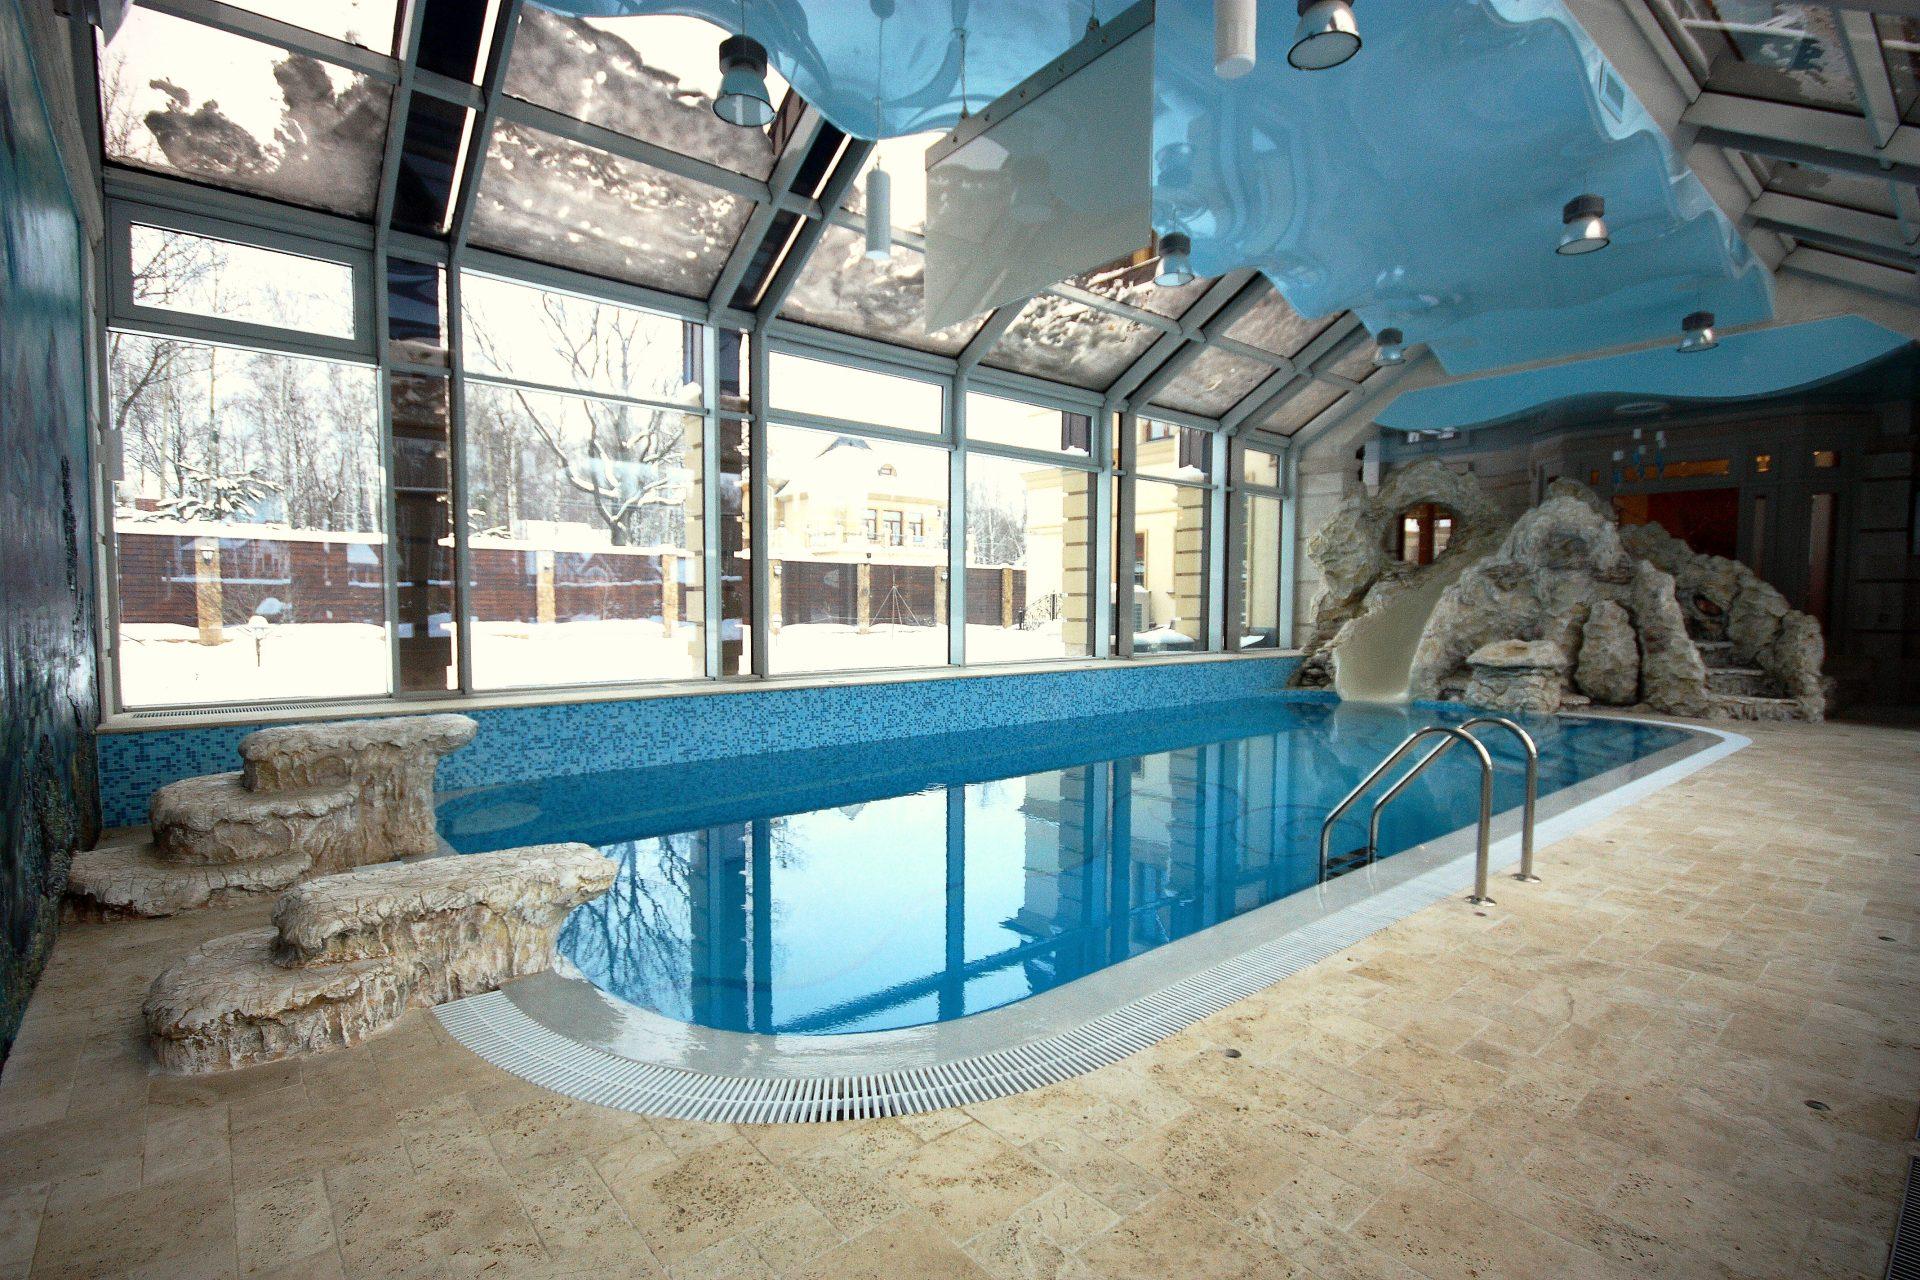 Частный бассейн с морским дизайном интерьера Allpools